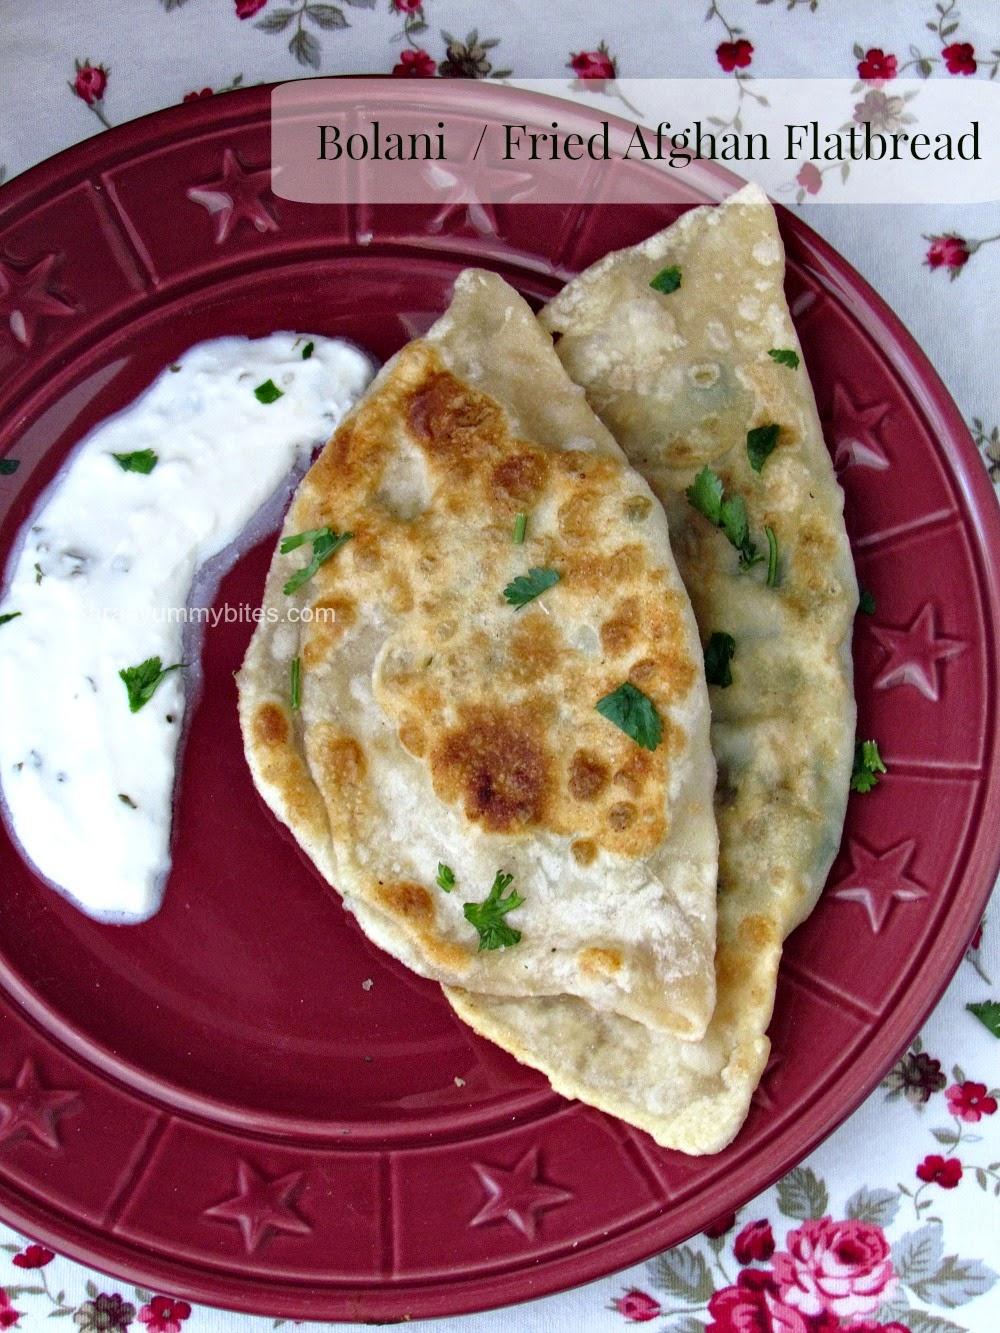 Bolani  / Fried Afghan Flatbread